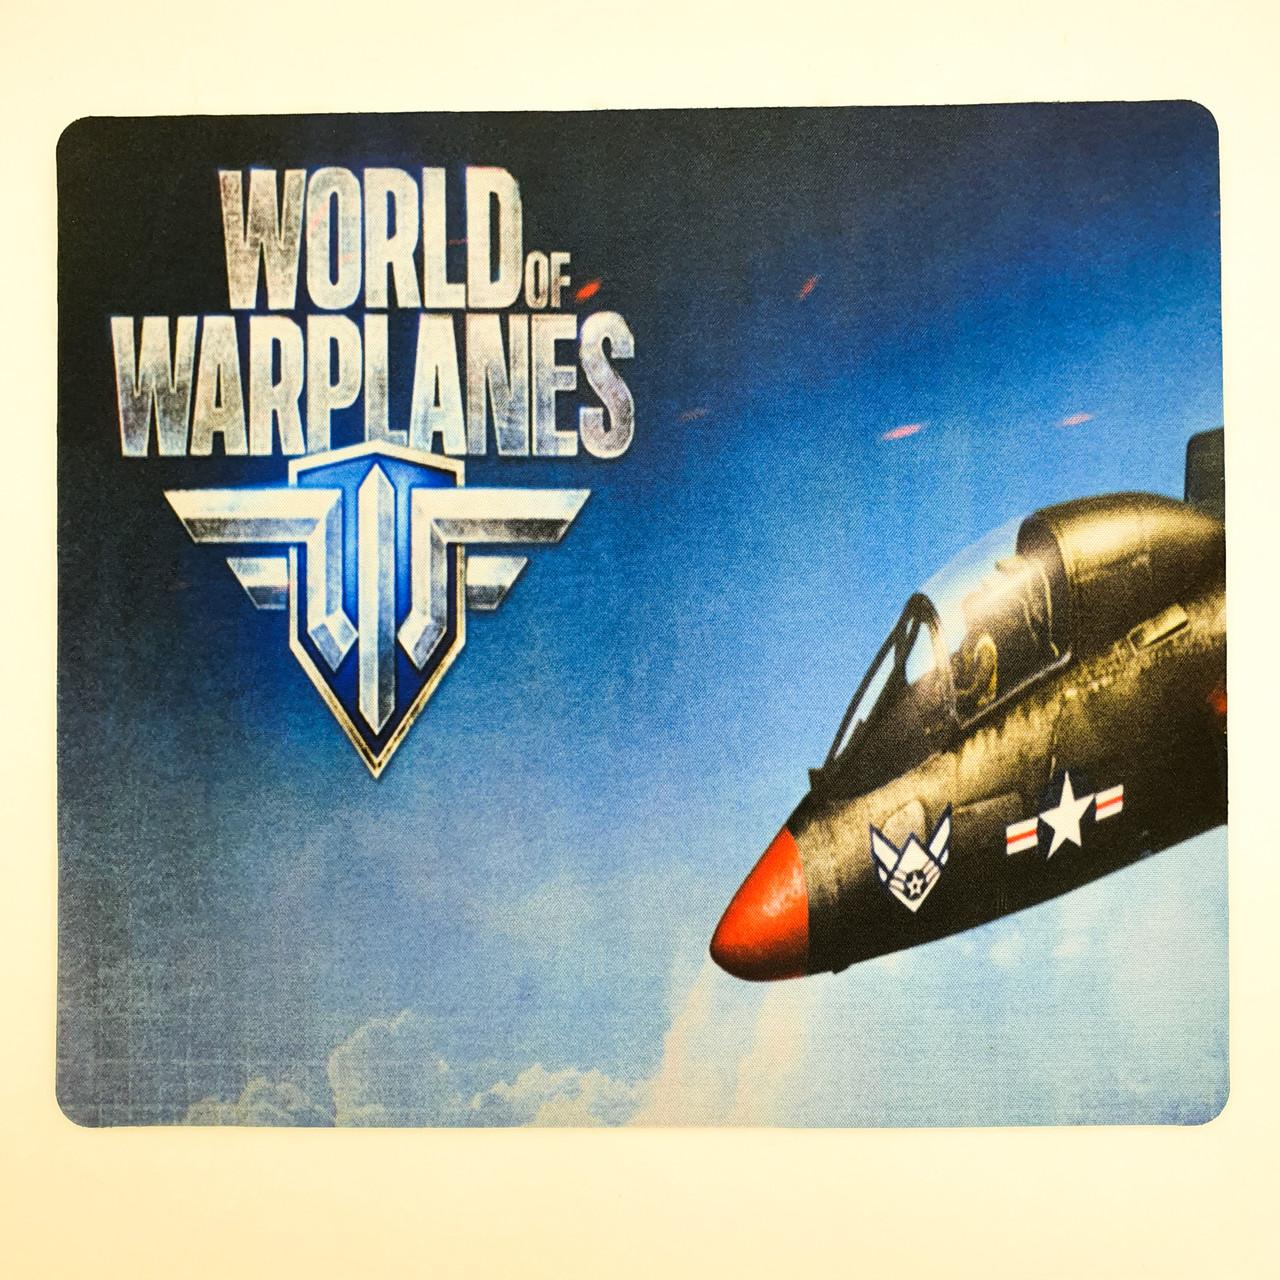 Ігрова поверхня килимок для миші 24x32x0.3 см World of warplanes №1